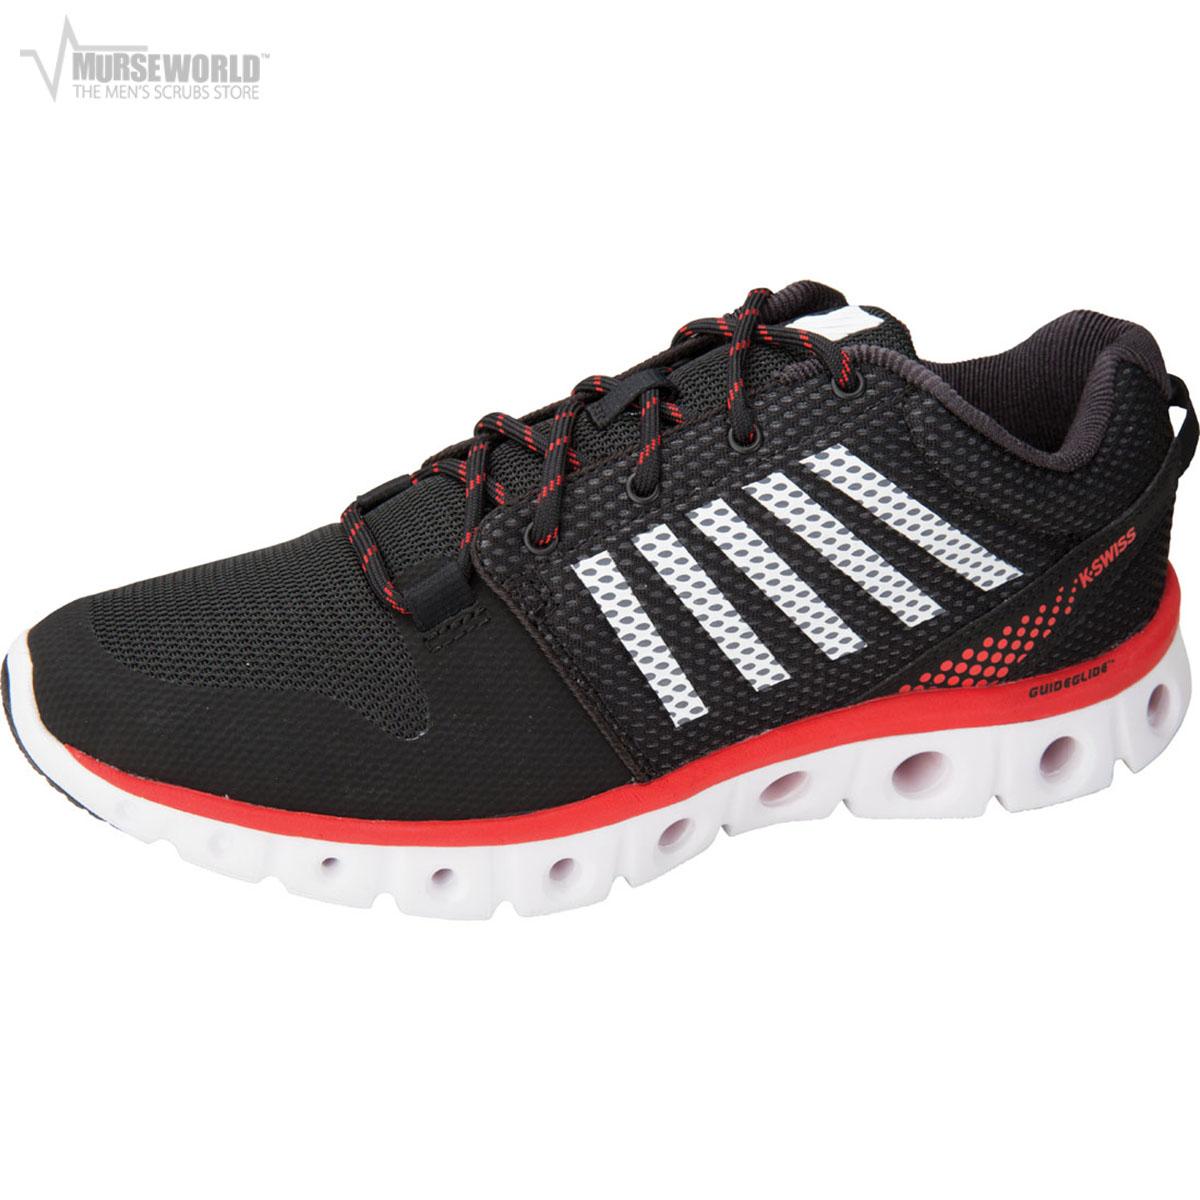 K-Swiss Men's Foam Insole Sneakers - MCMFXLITE